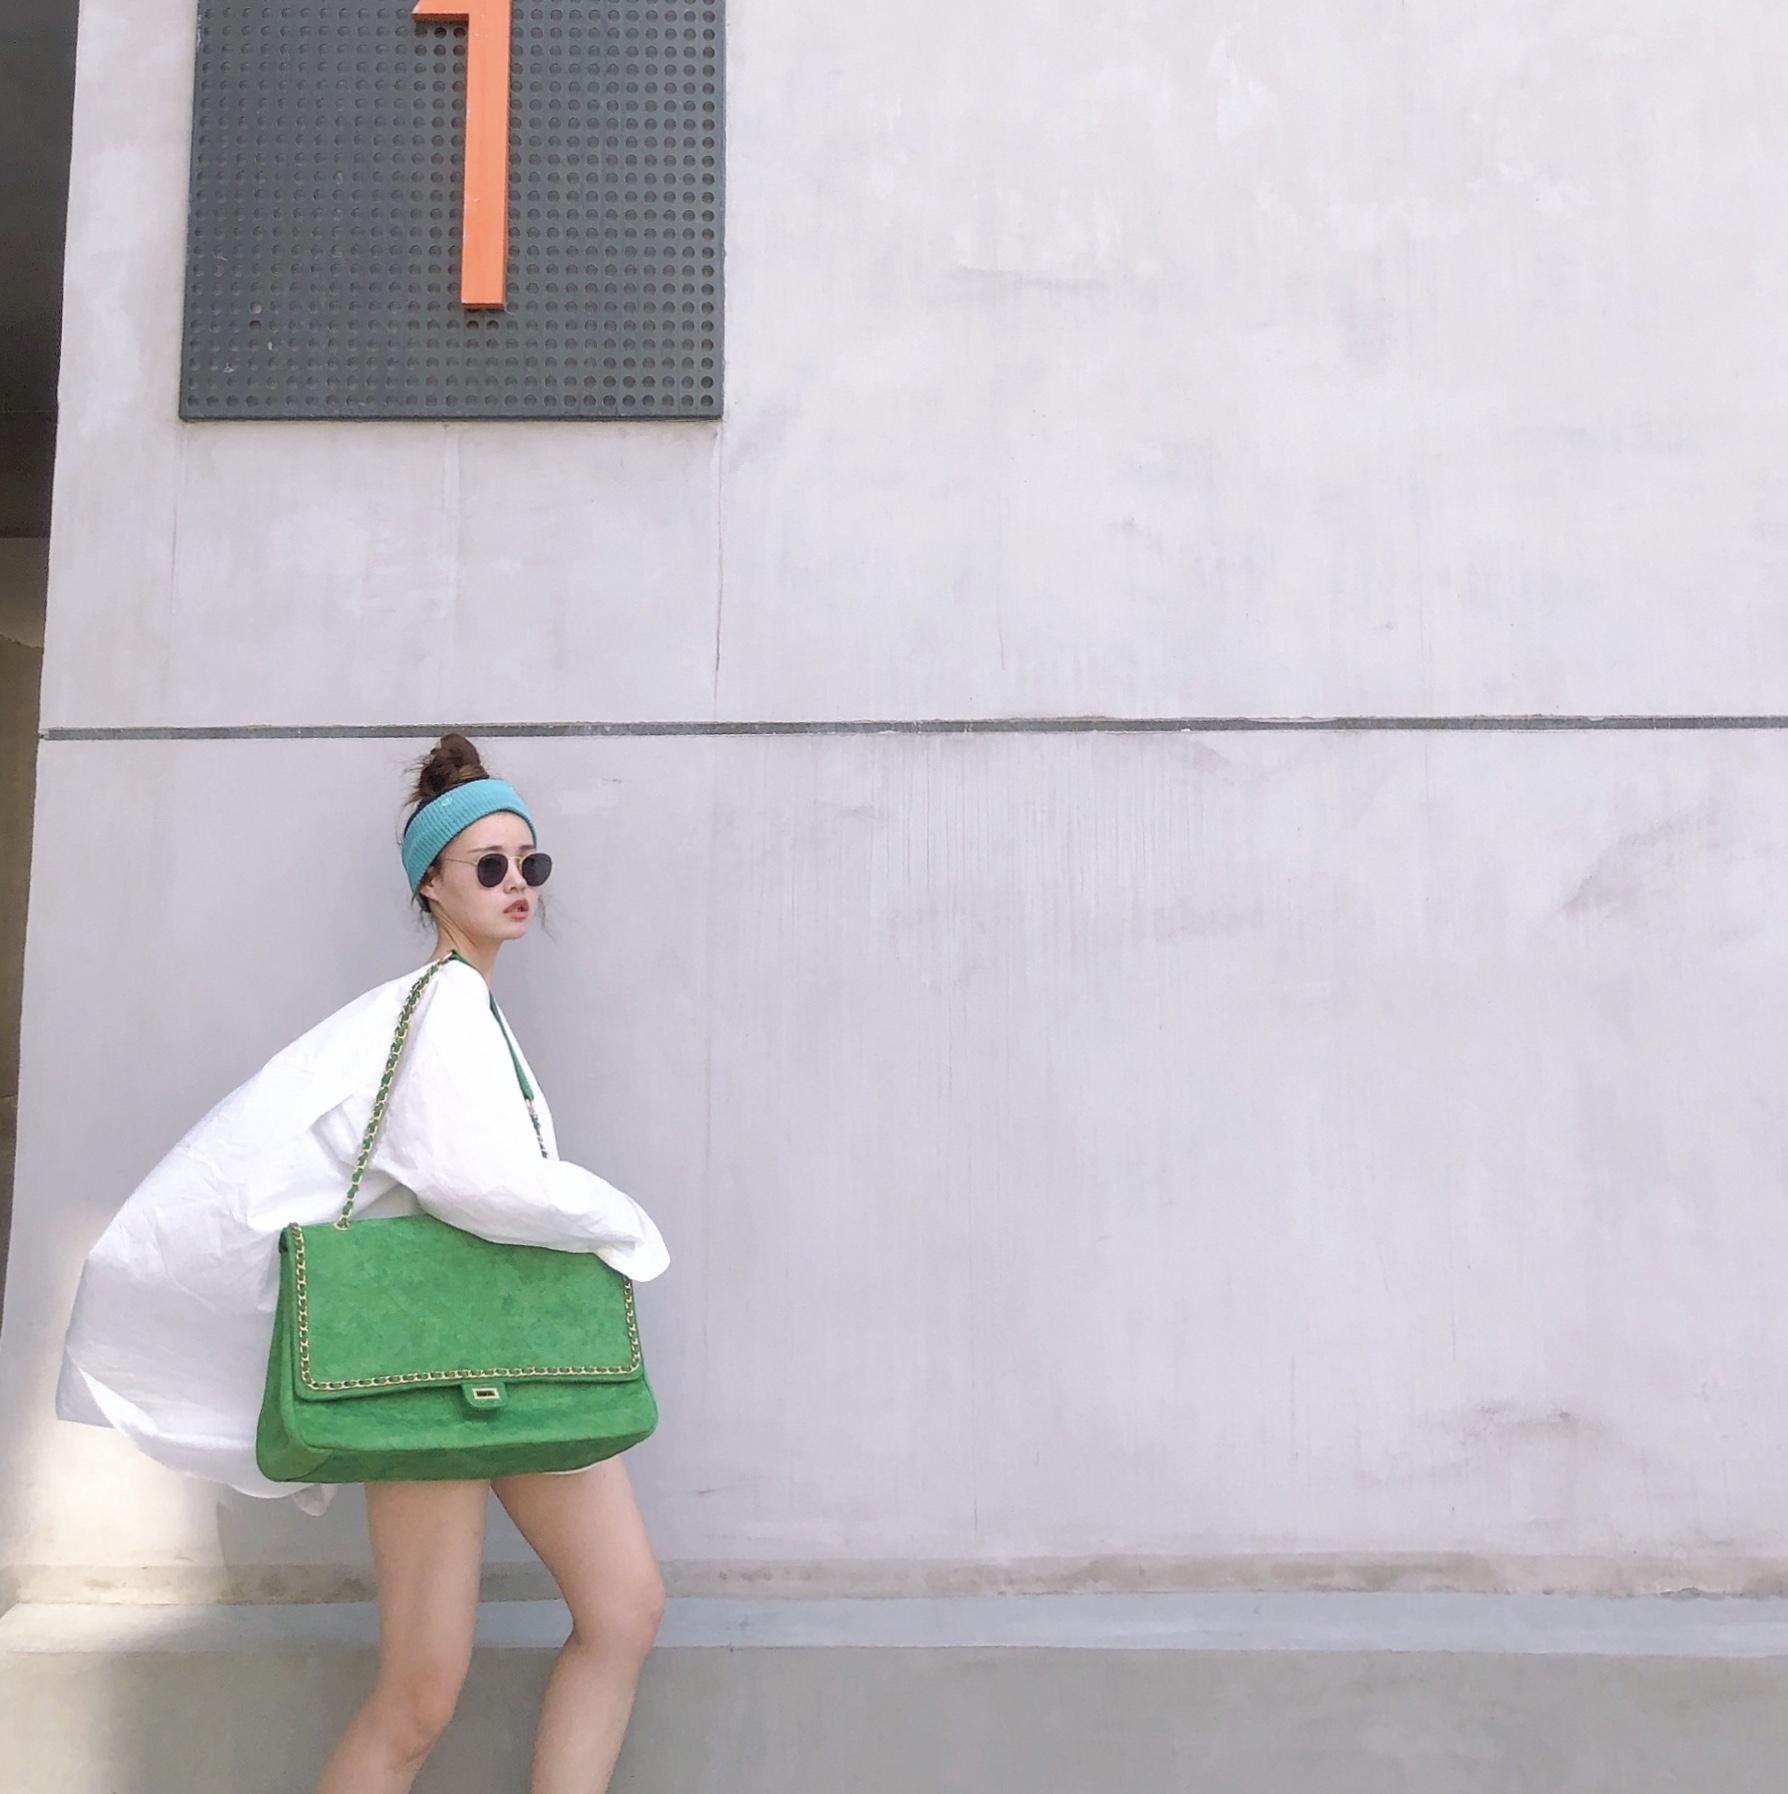 糖果包 网红于momo同款小香风菱格链条包糖果色麂皮绒购物袋超大容量女包_推荐淘宝好看的女糖果包